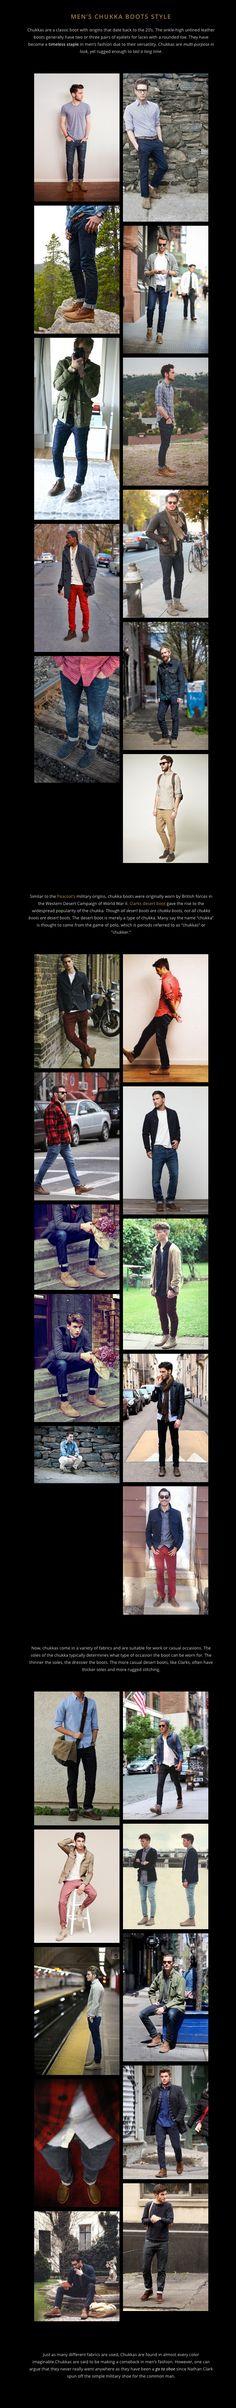 Men's Chukka Boots Style